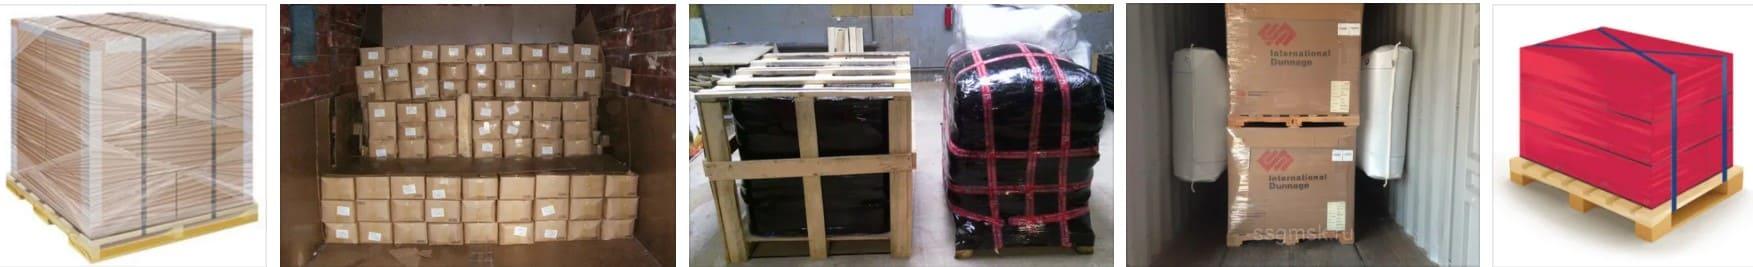 Как организовать перевозку груза из Китая. Все пути доставки из Китая в одной статье.